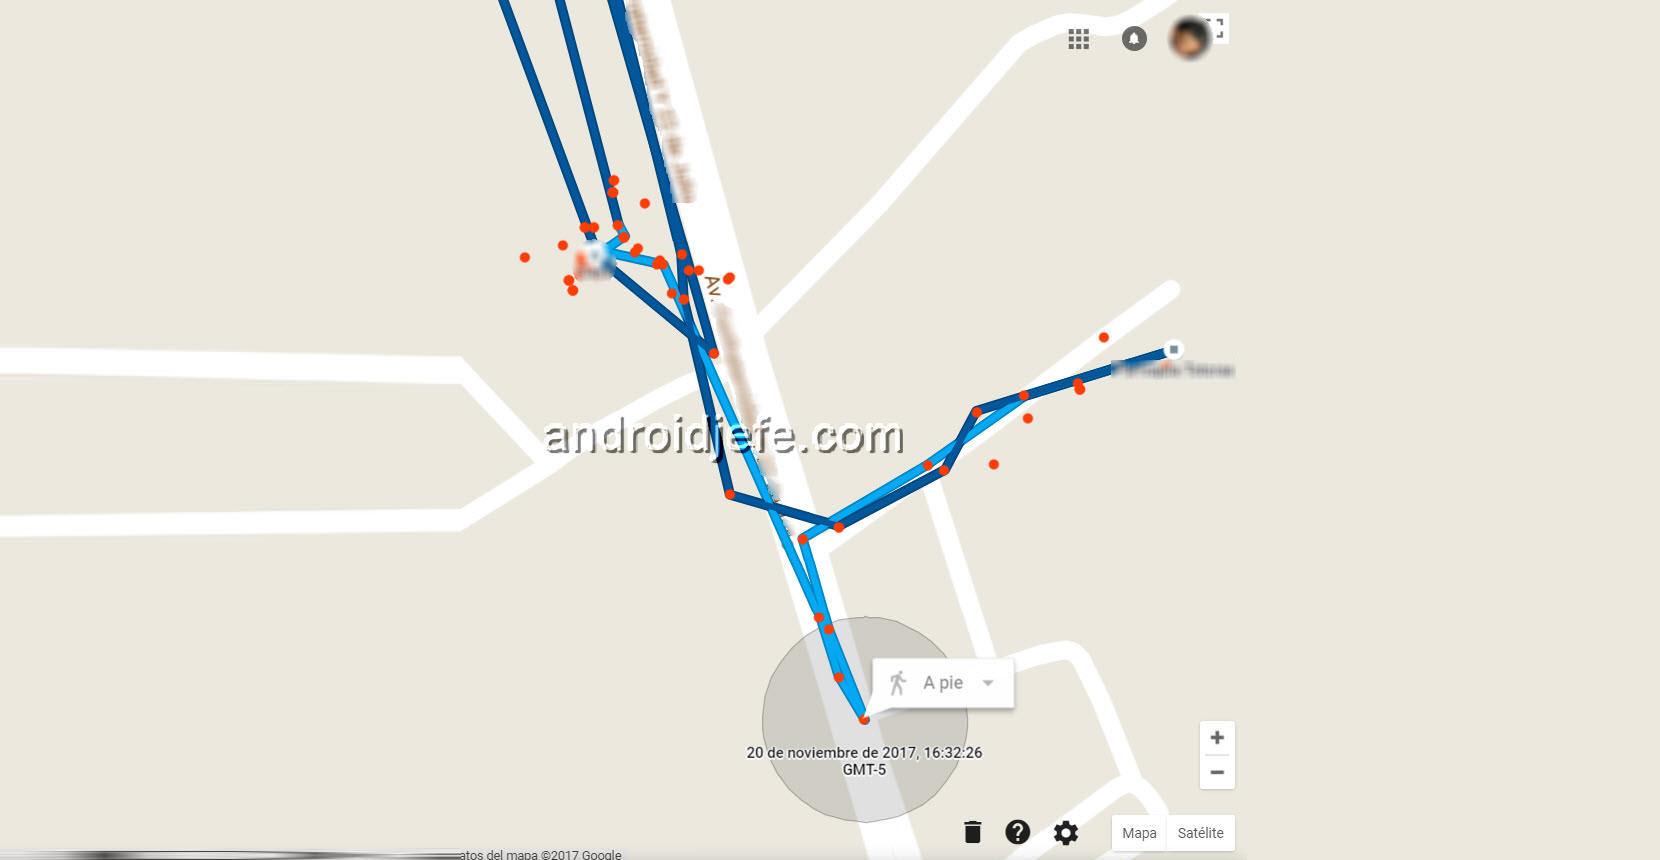 Cómo ver en Google Maps el historial de ubicaciones de tu celular